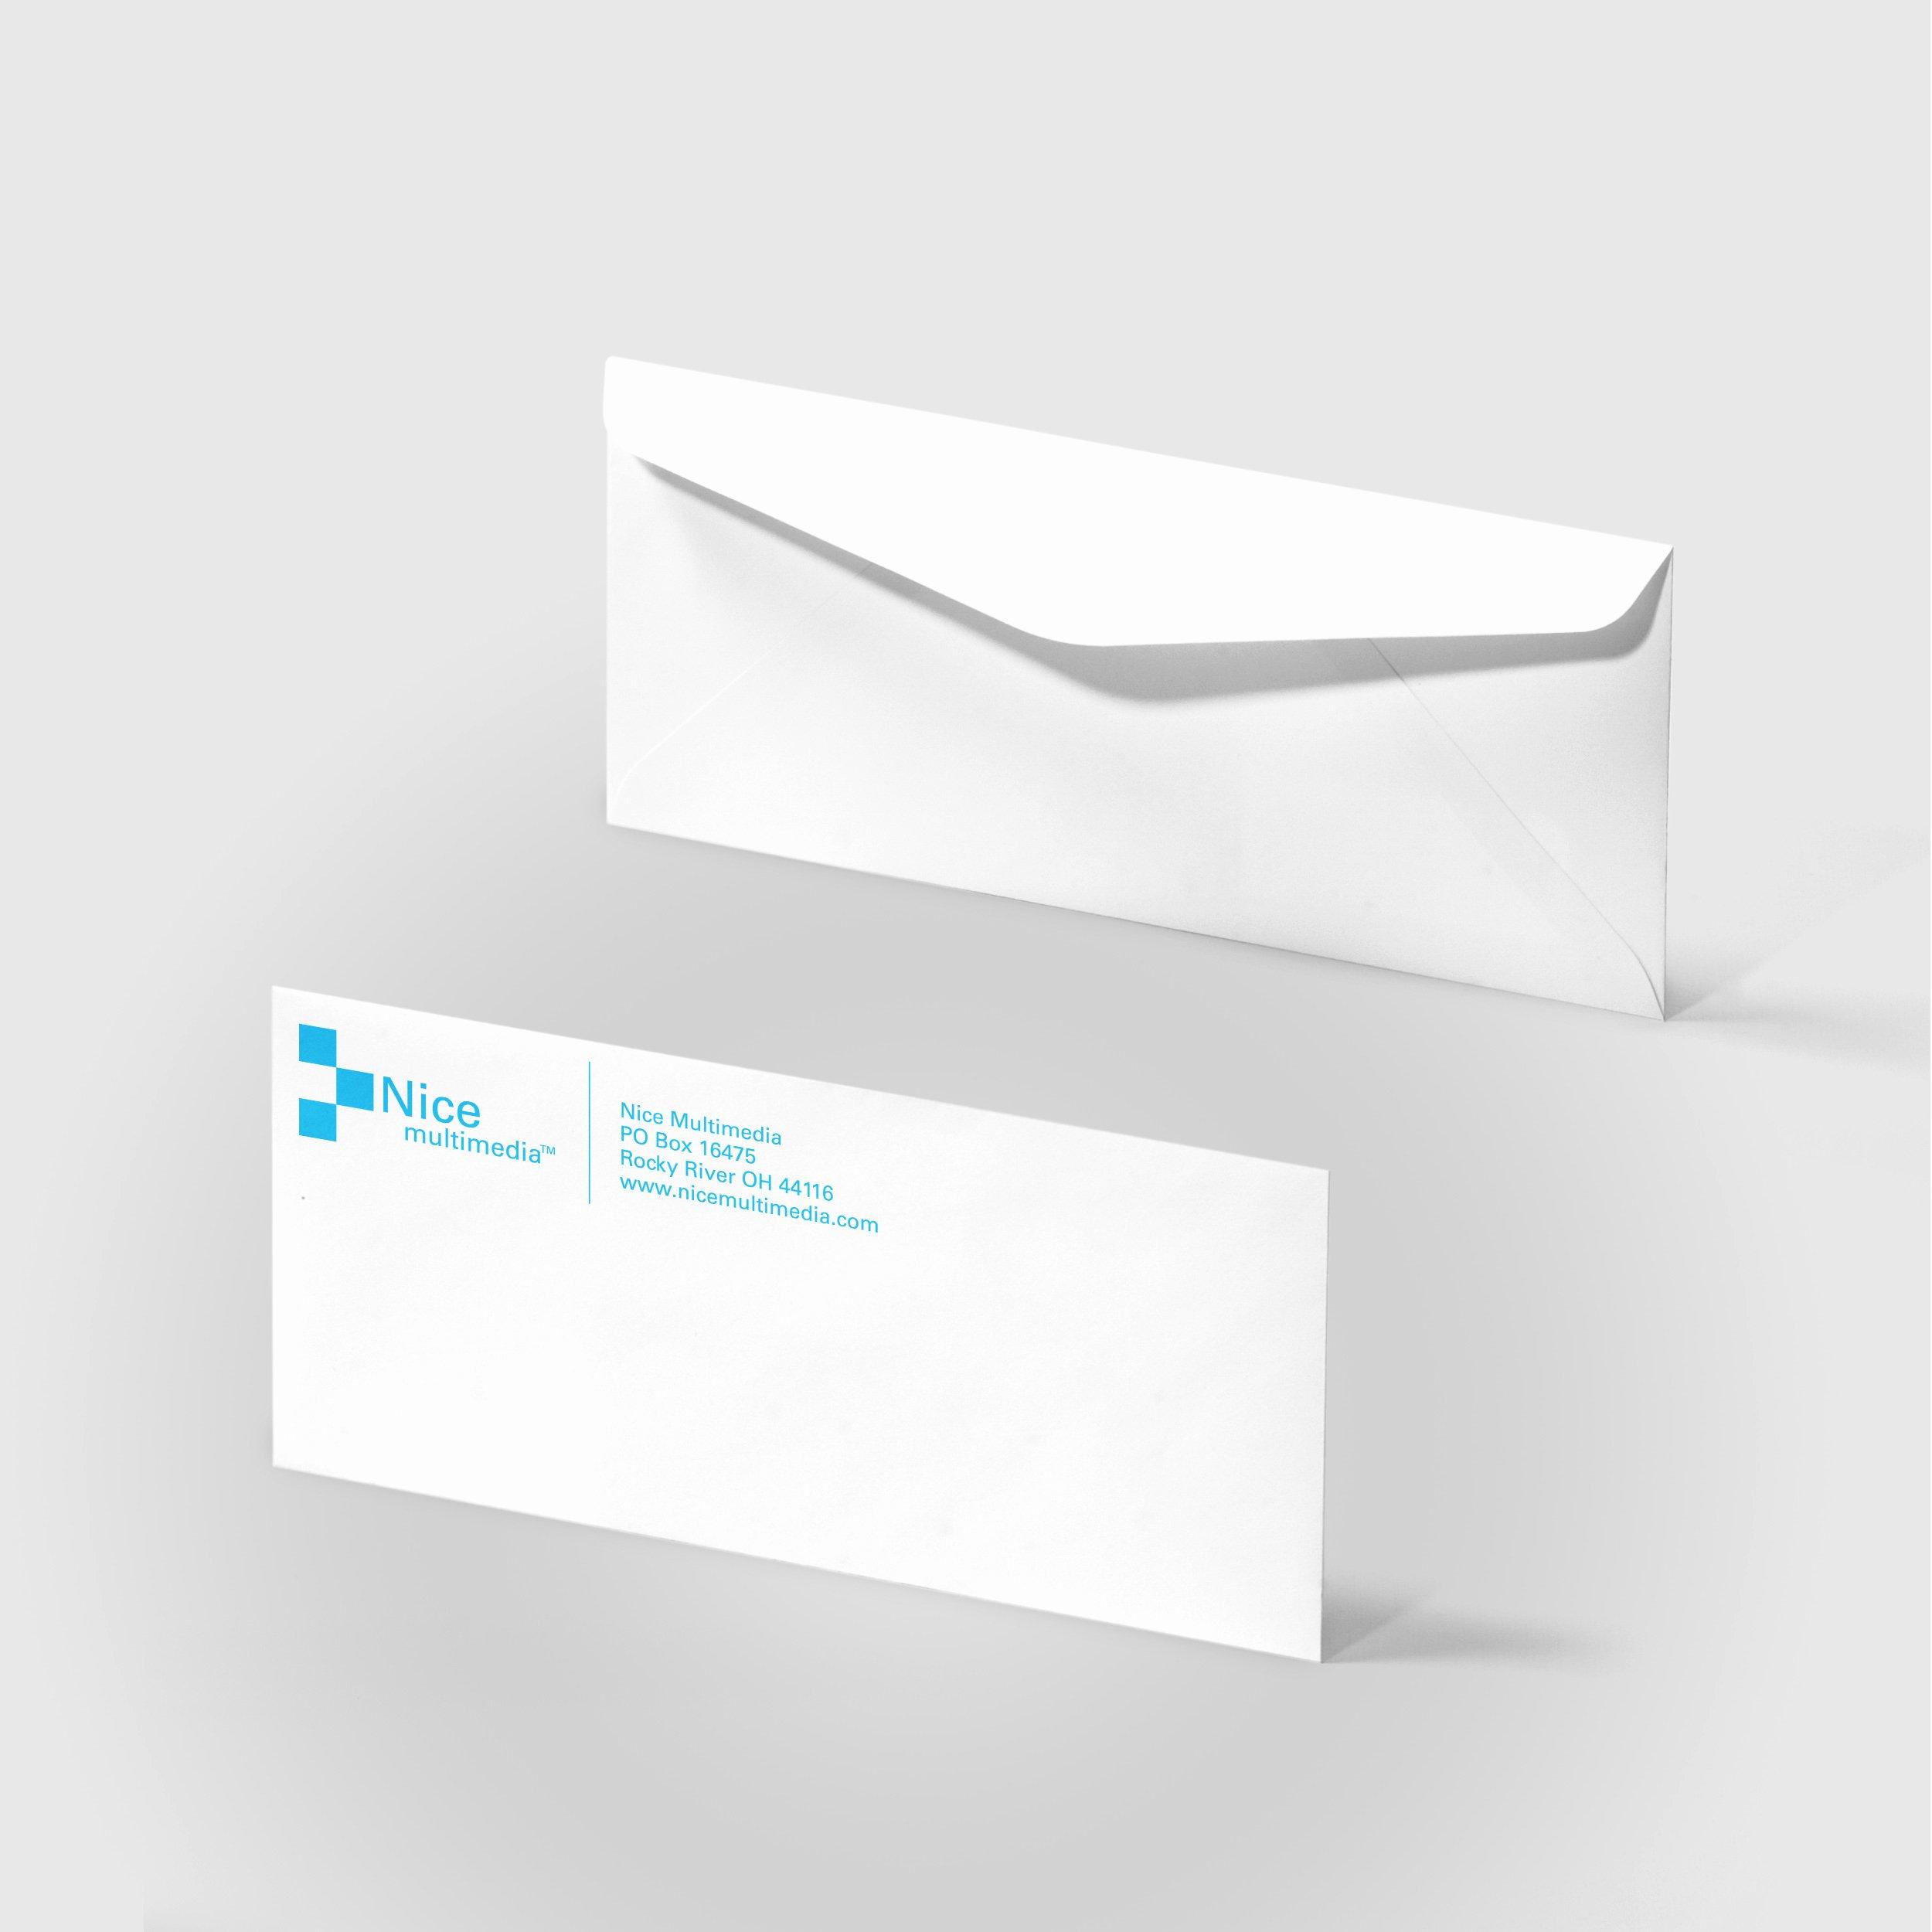 10 Envelope Template Illustrator Fresh 10 Envelope Template